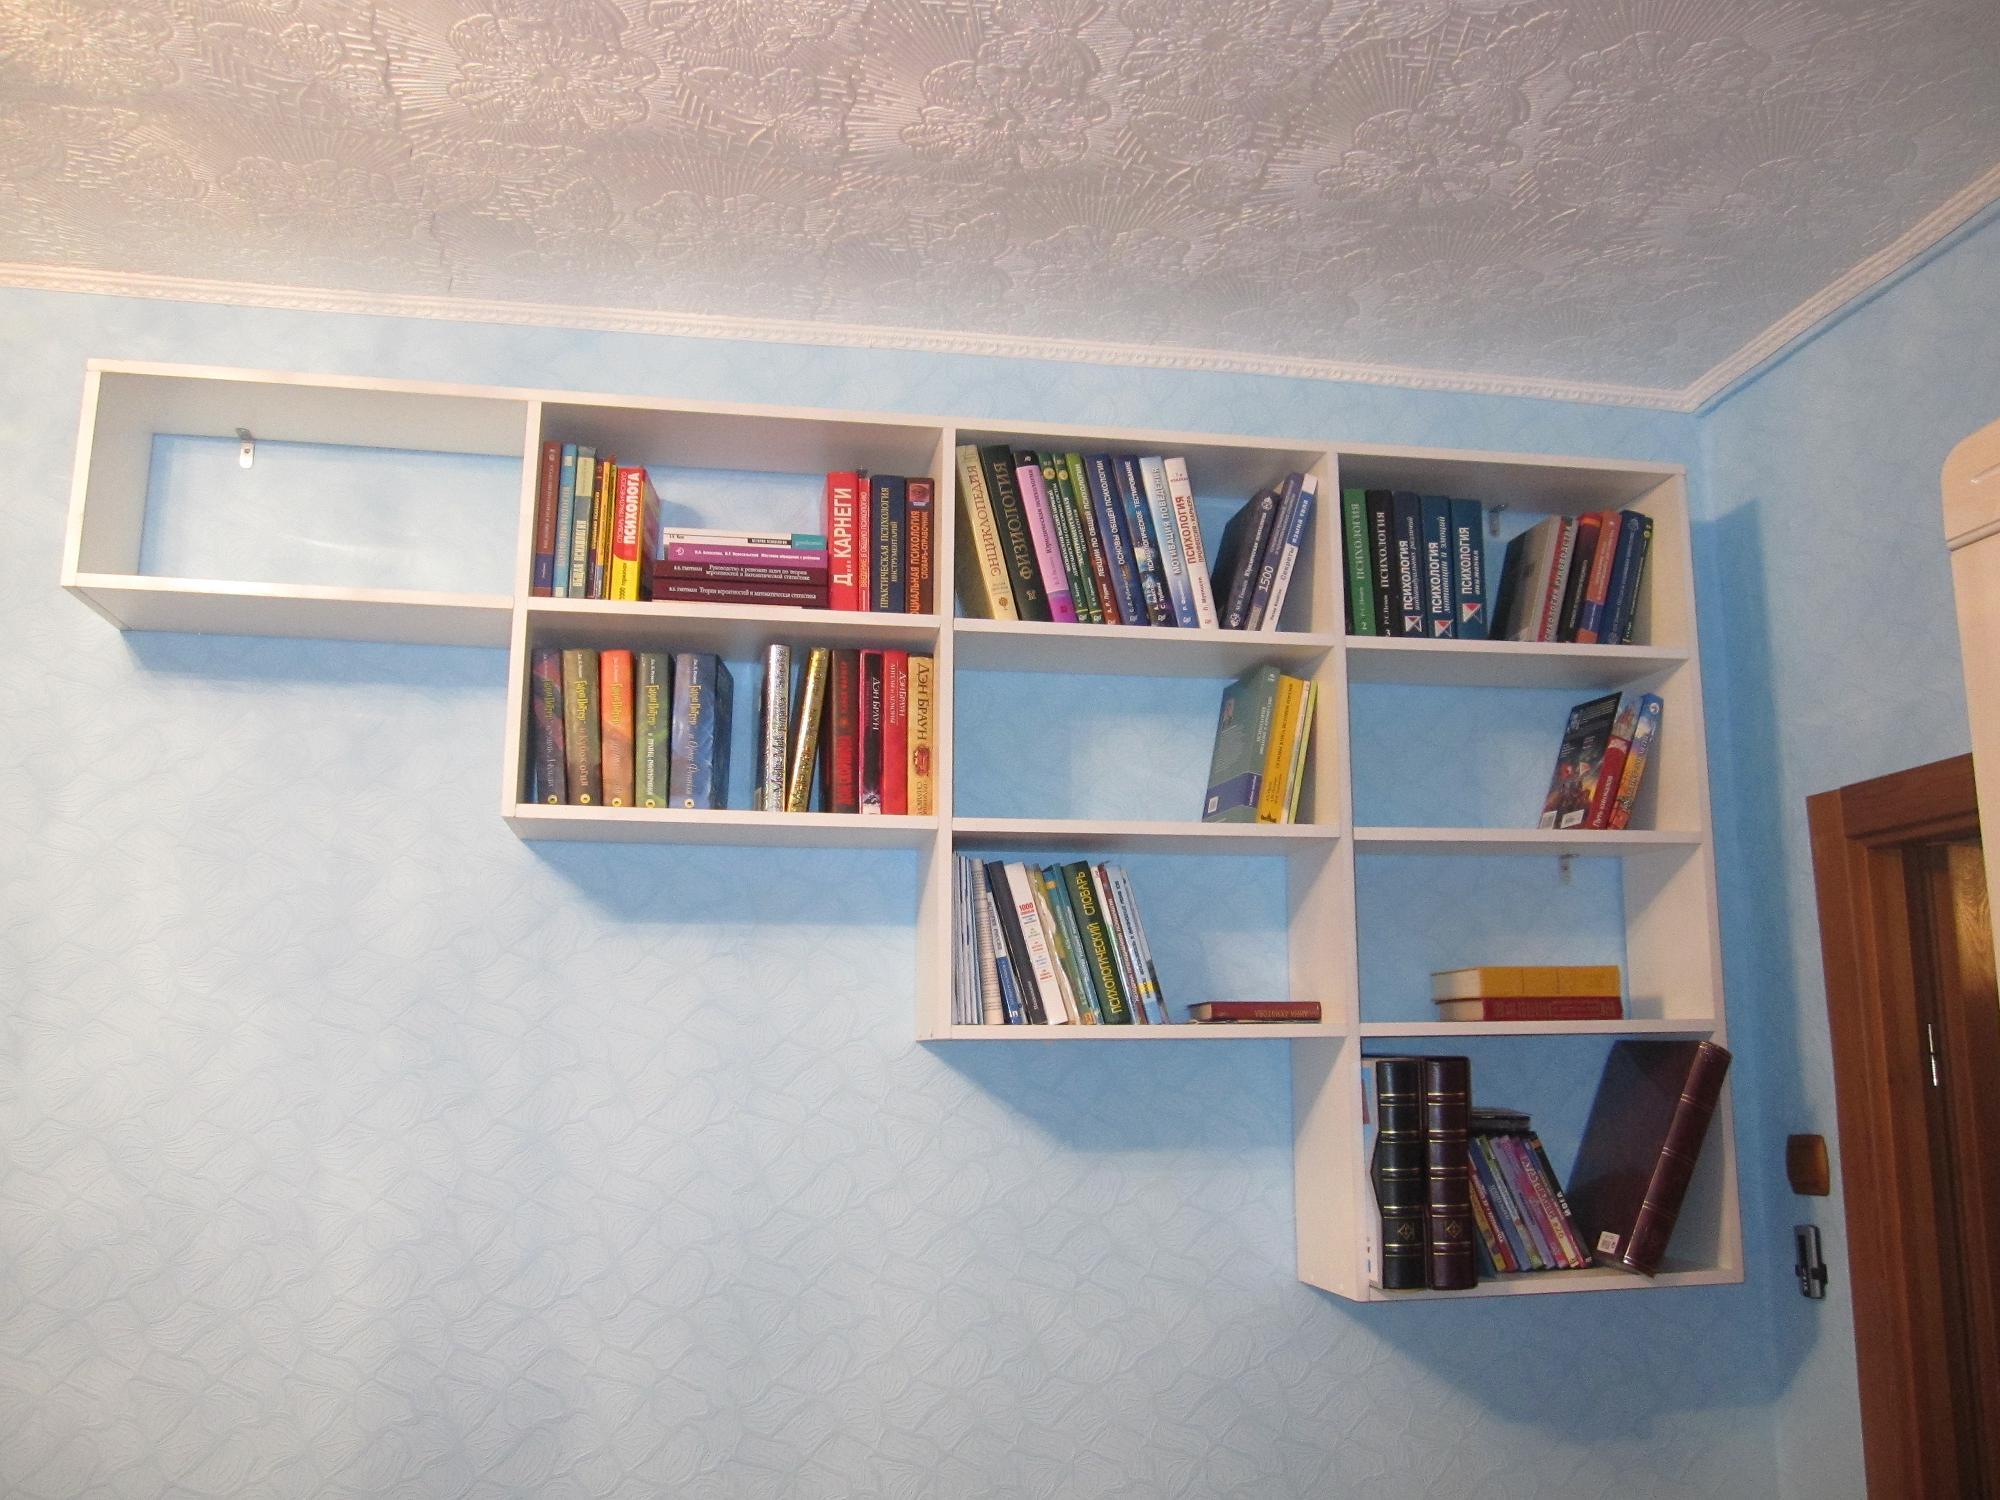 Відкриті книжкові полиці